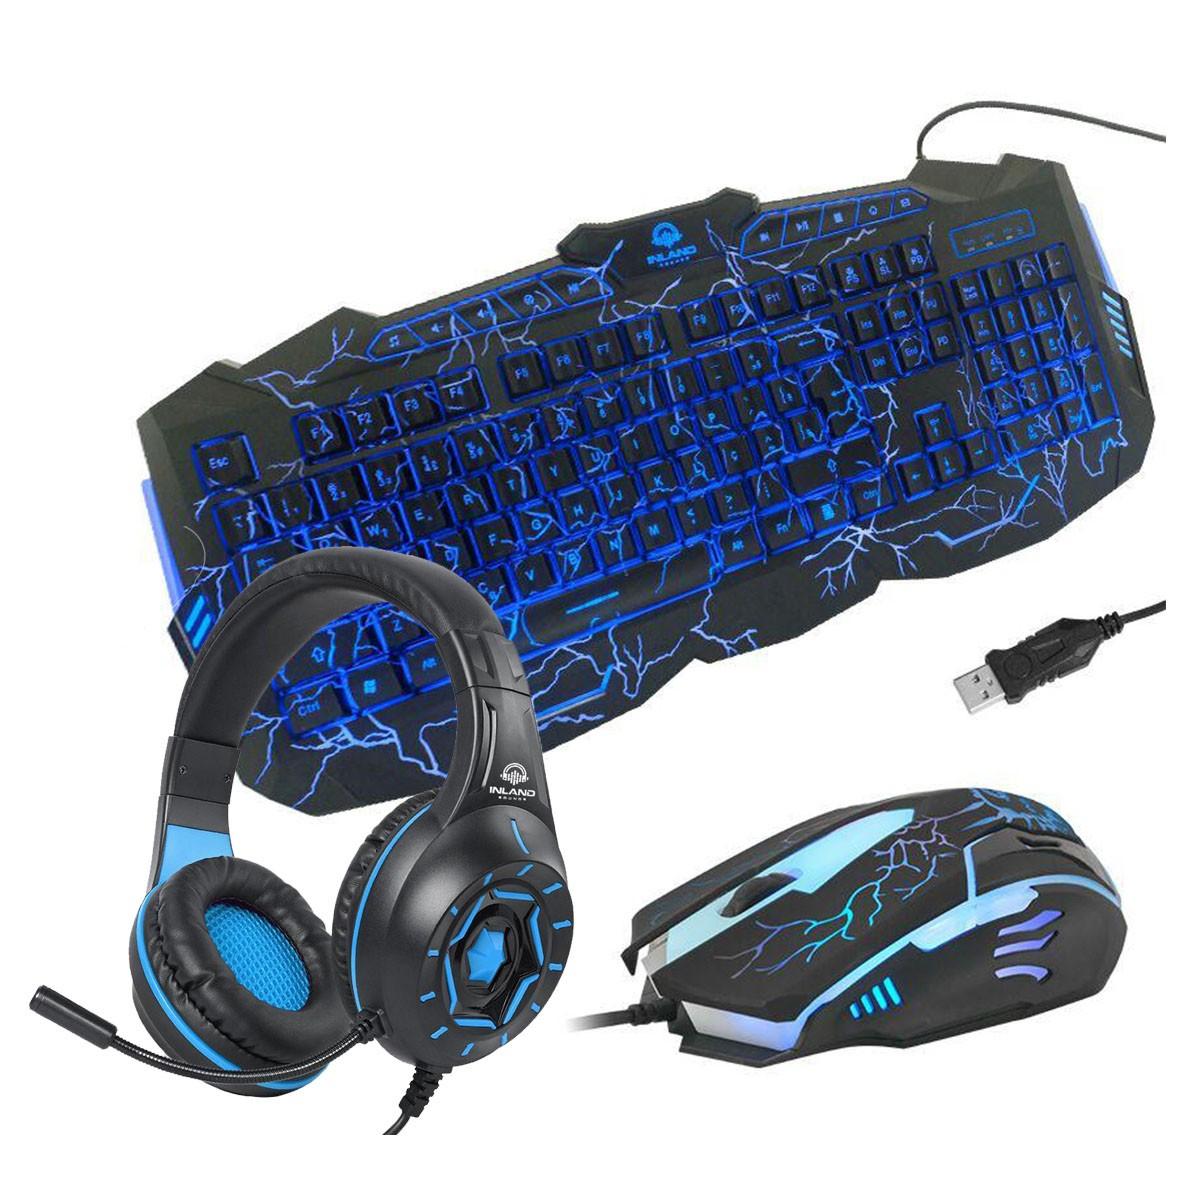 Kit Gamer com Headset Z90 Azul, Teclado e Mouse Inland